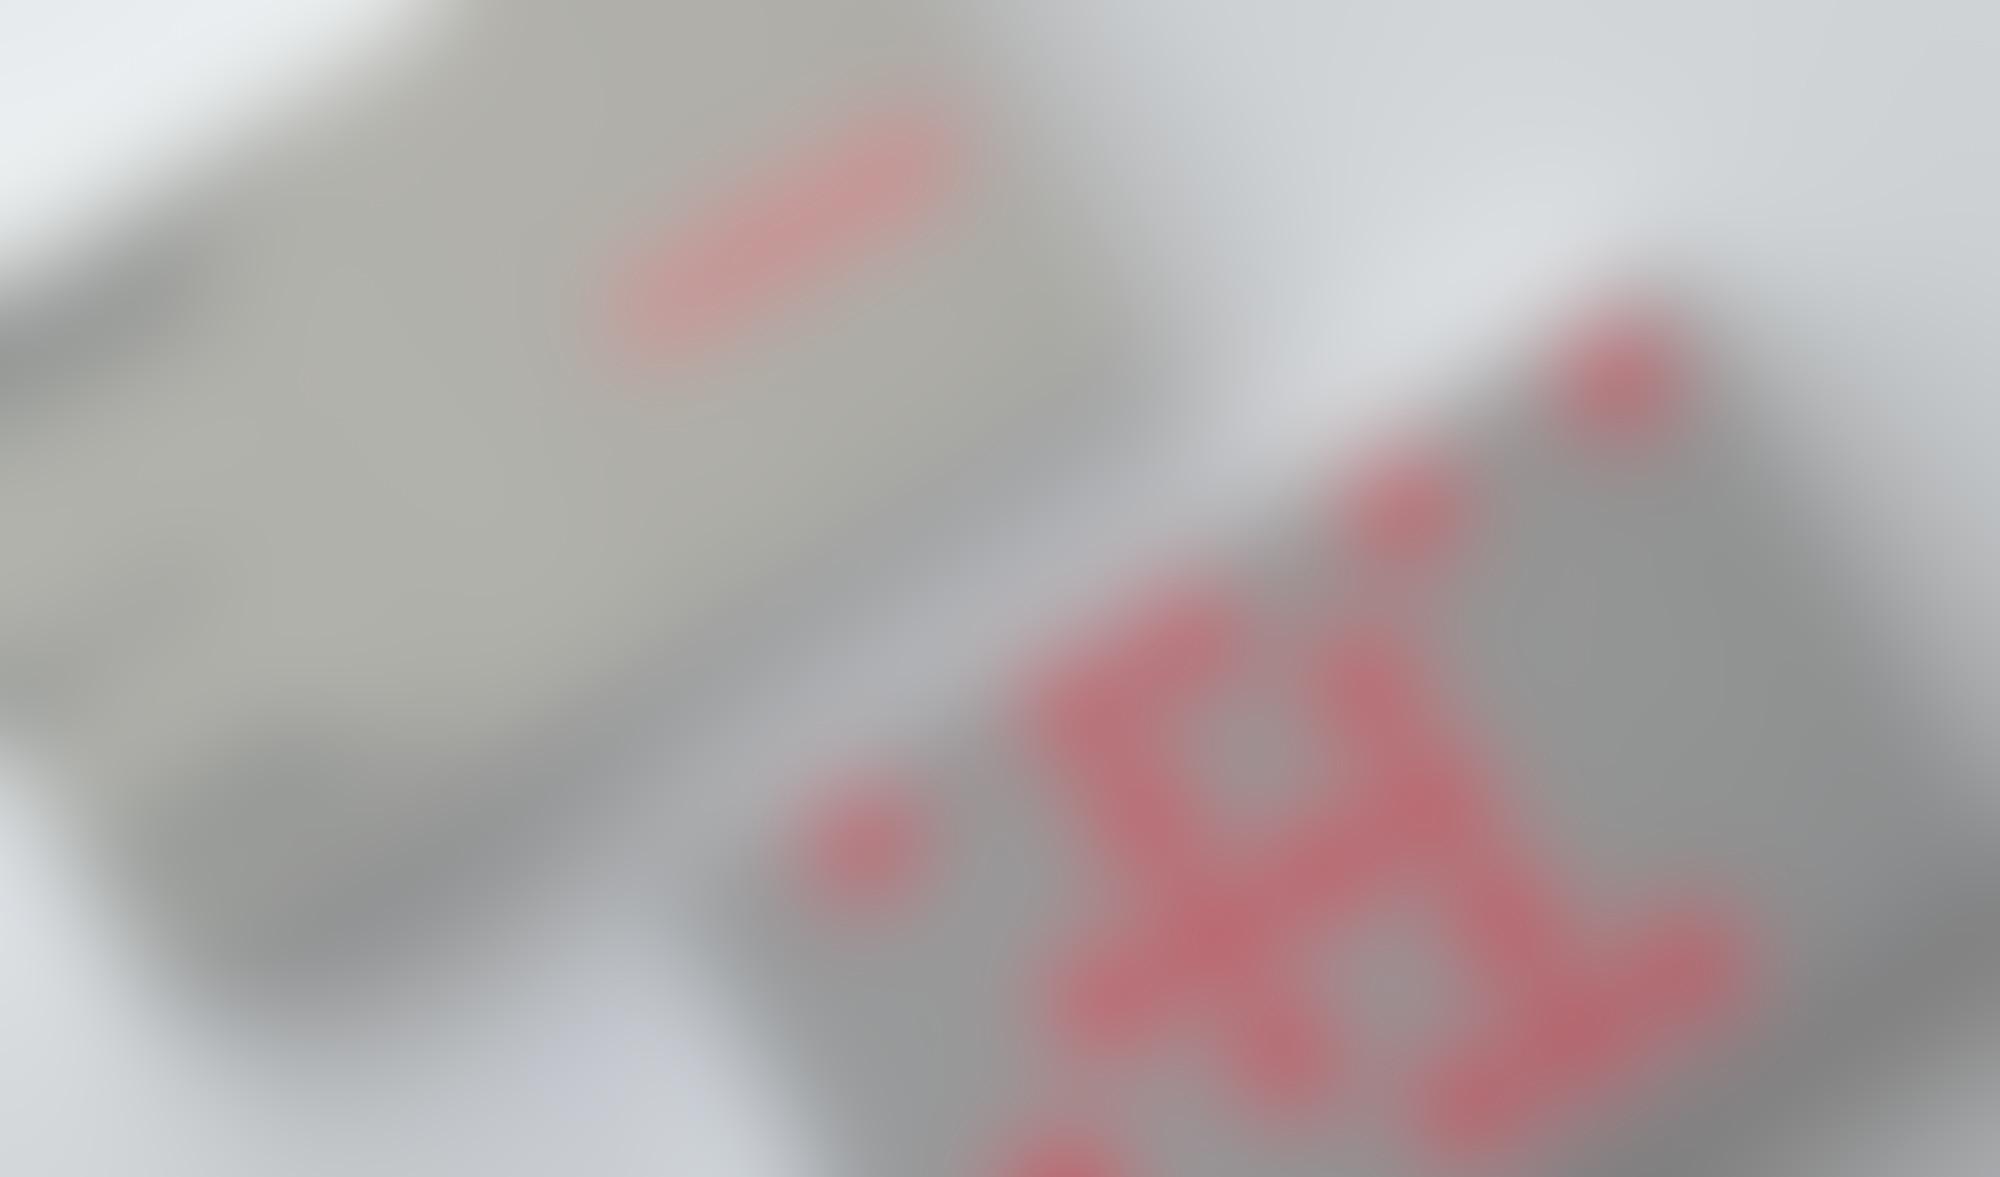 ARTF LIP 09 autocompressfitresizeixlibphp 1 1 0max h2000max w3 D2000q80scdc397db8a798a74acdf20783abb4d3f